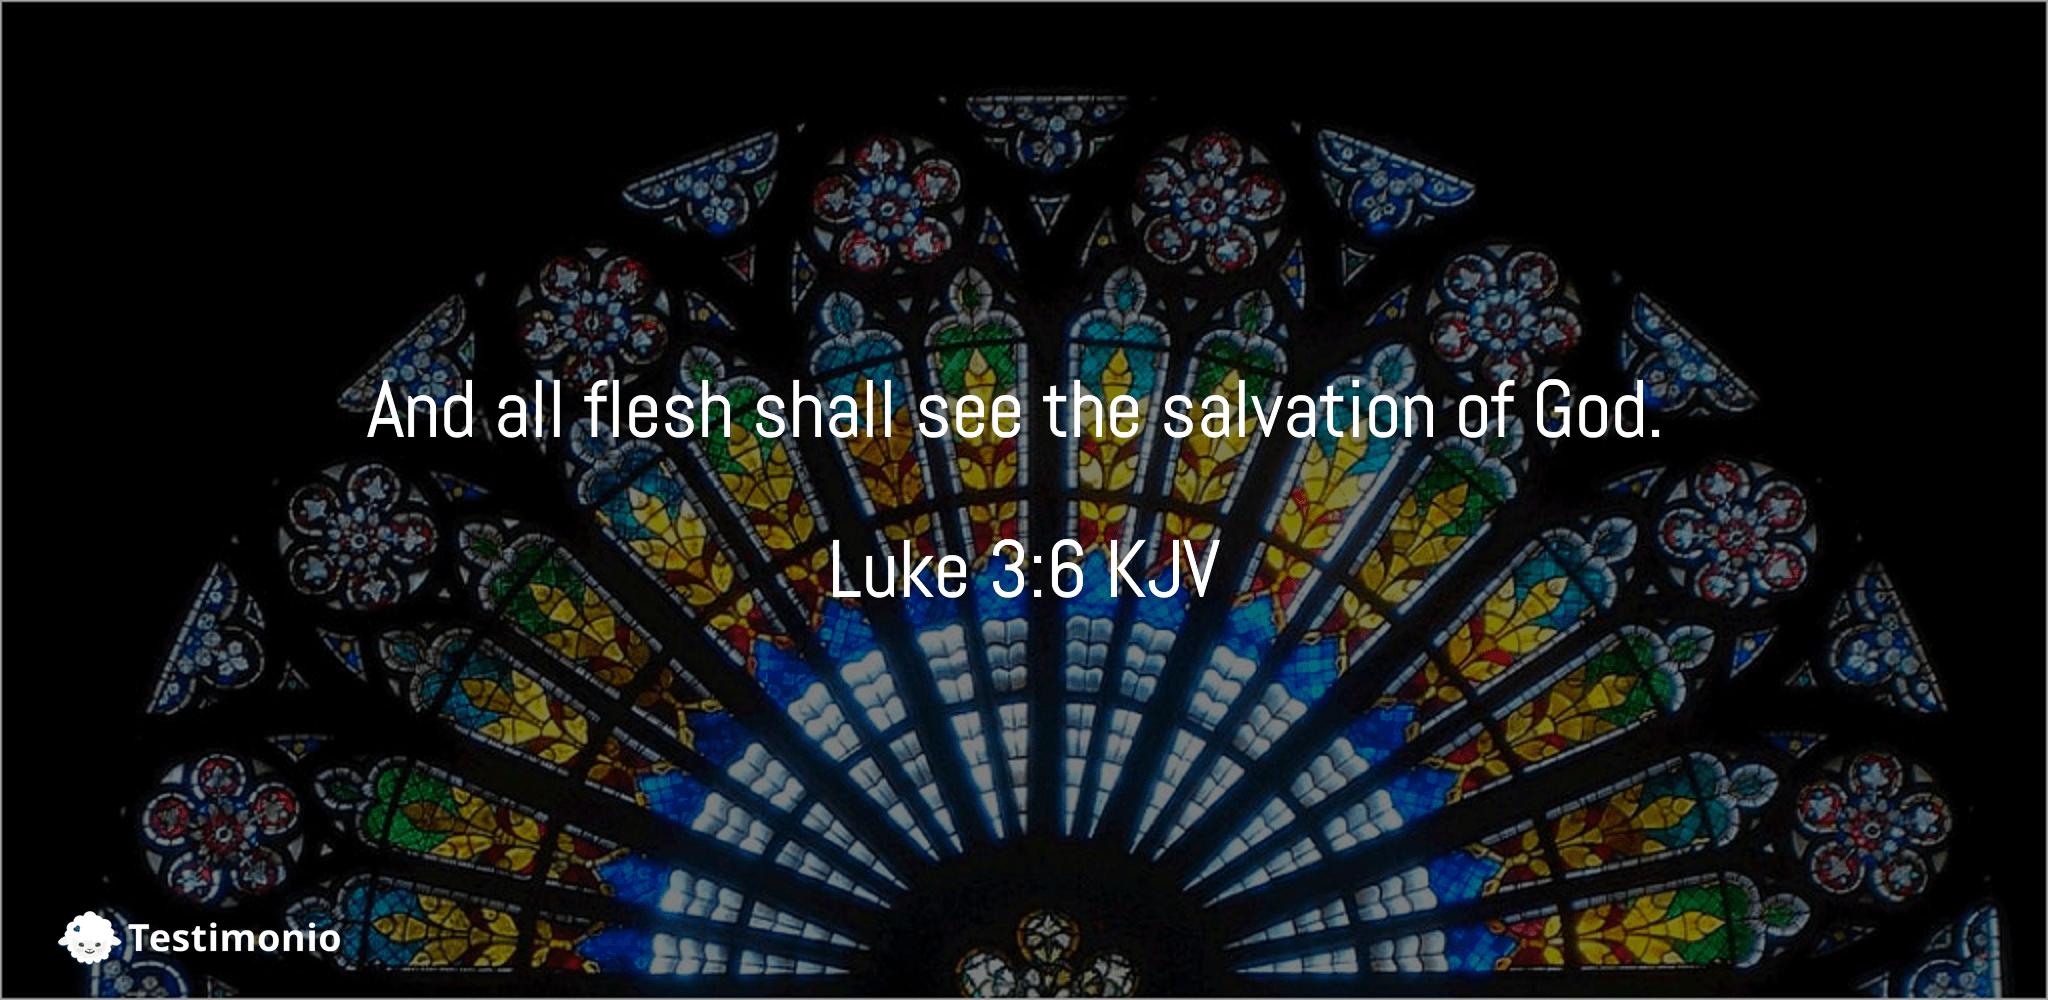 Luke 3:6